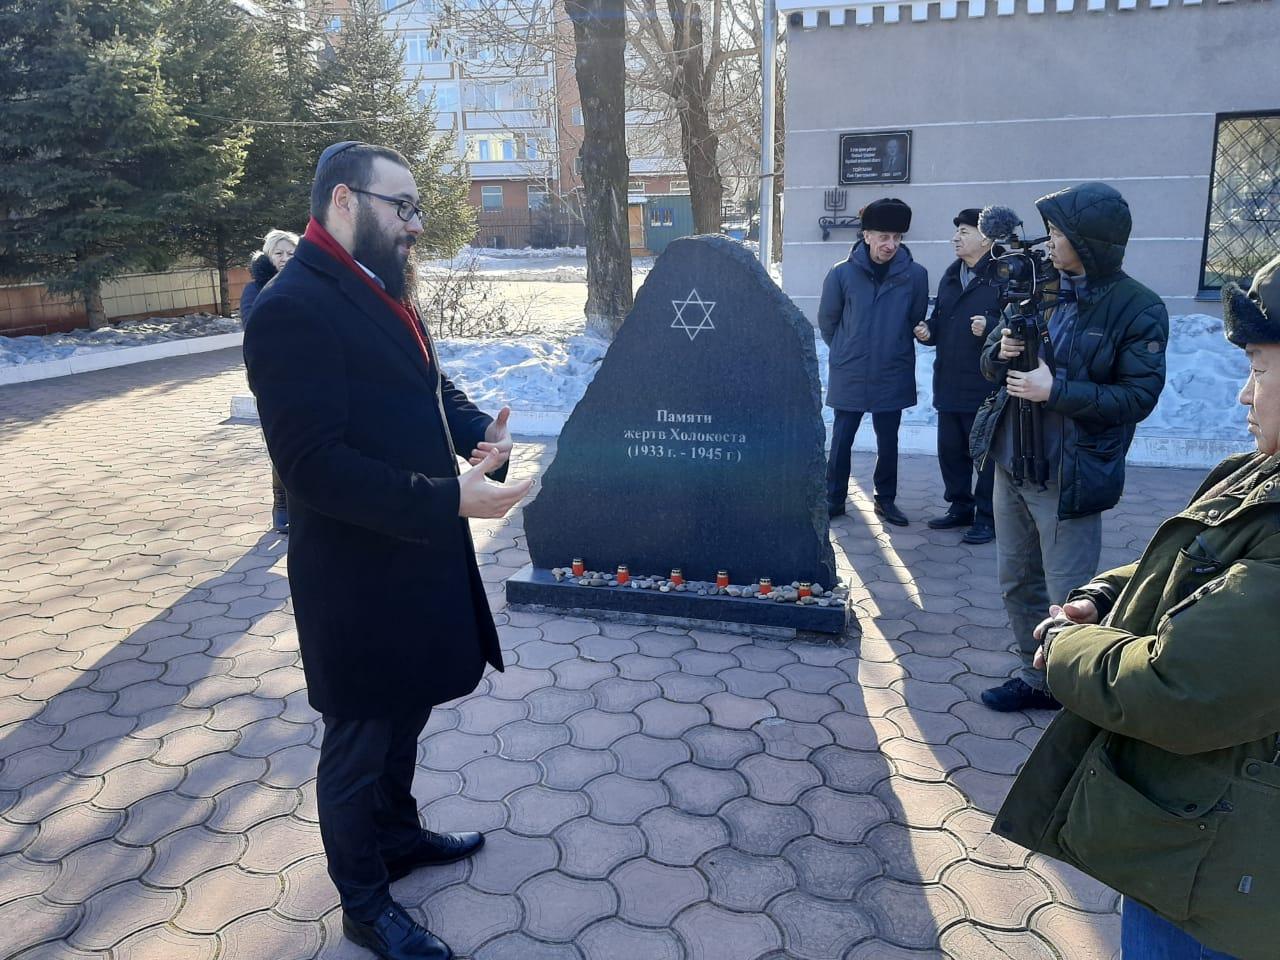 Главный раввин Еврейской автономной области Эли Рисс у памятника жертвам Холокоста. г. Биробиджан 20 февраля 2020 г.